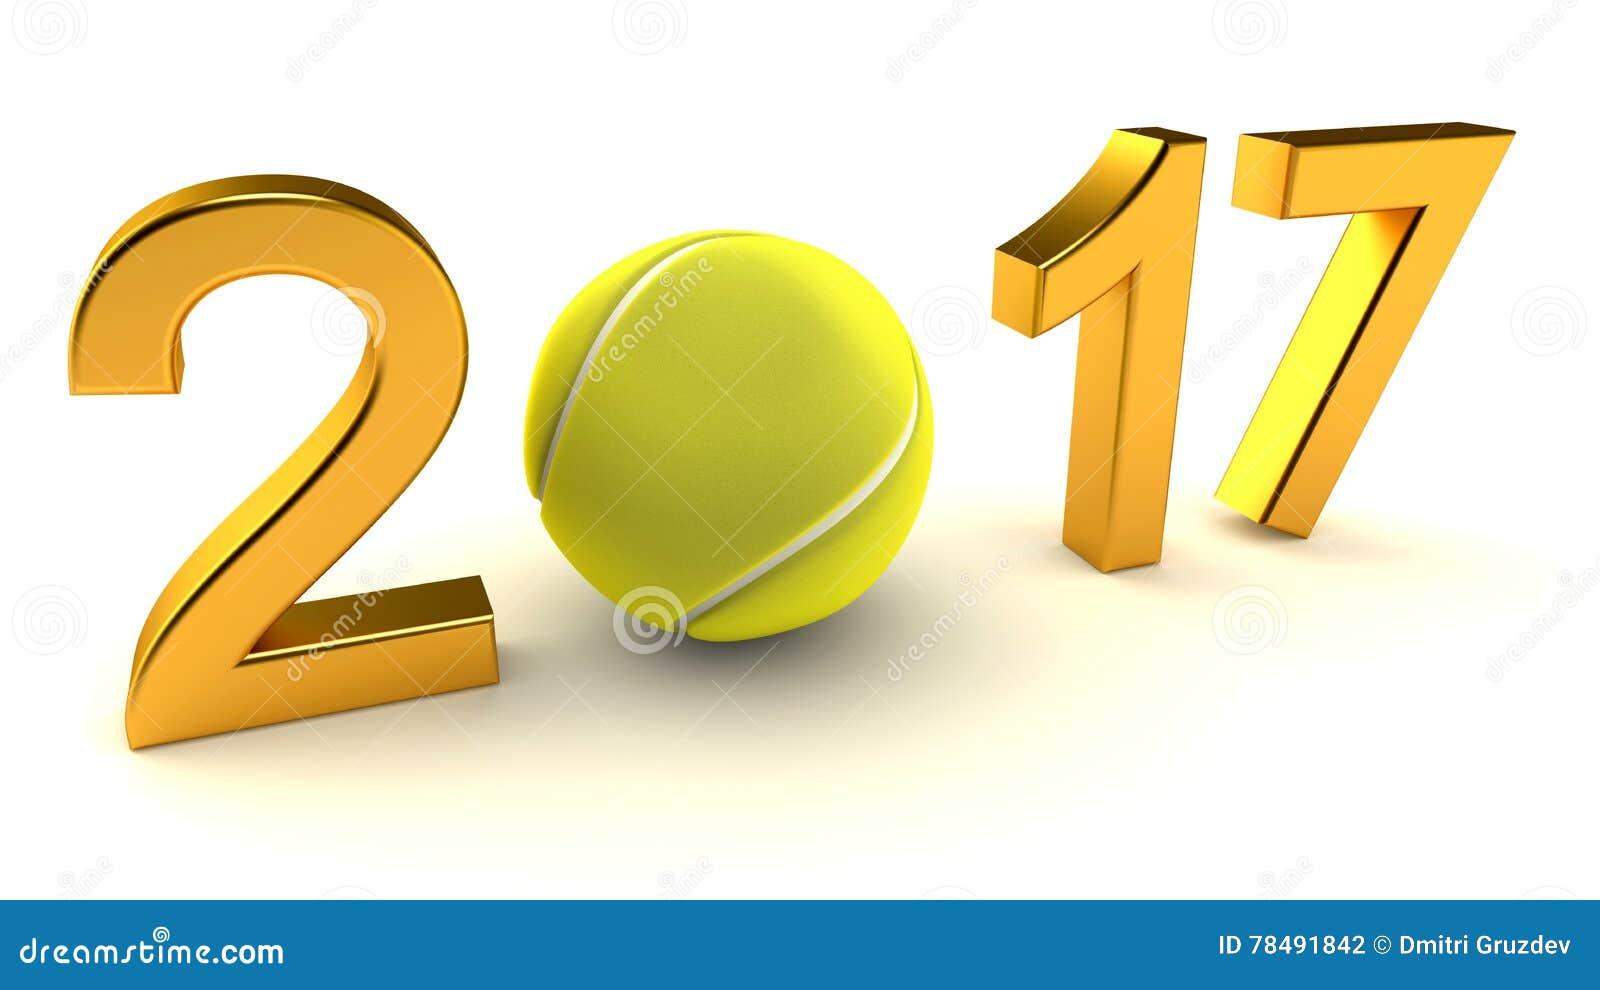 Tenis pelota stock de ilustracion ilustracion libre de stock de - Pelota De Tenis 2017 Stock De Ilustraci N